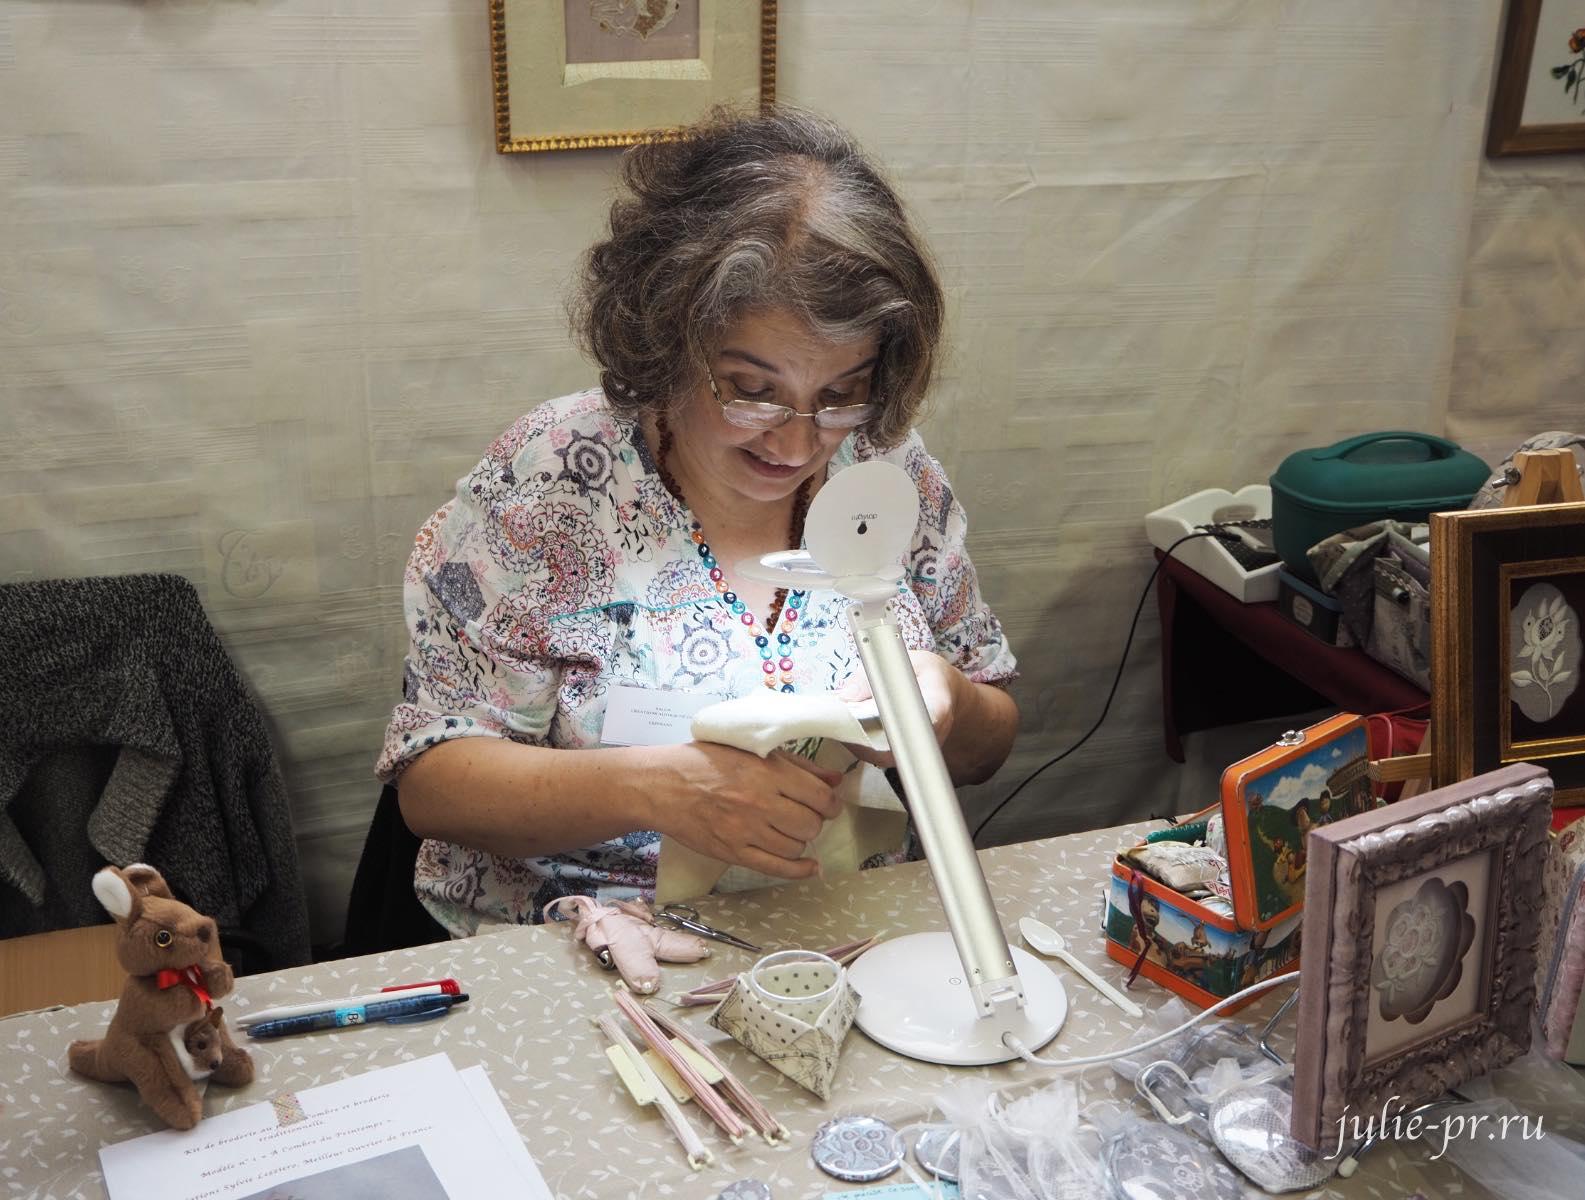 Un Chat dans l'aiguille, Sylvie Lezziero, вышивка гладью